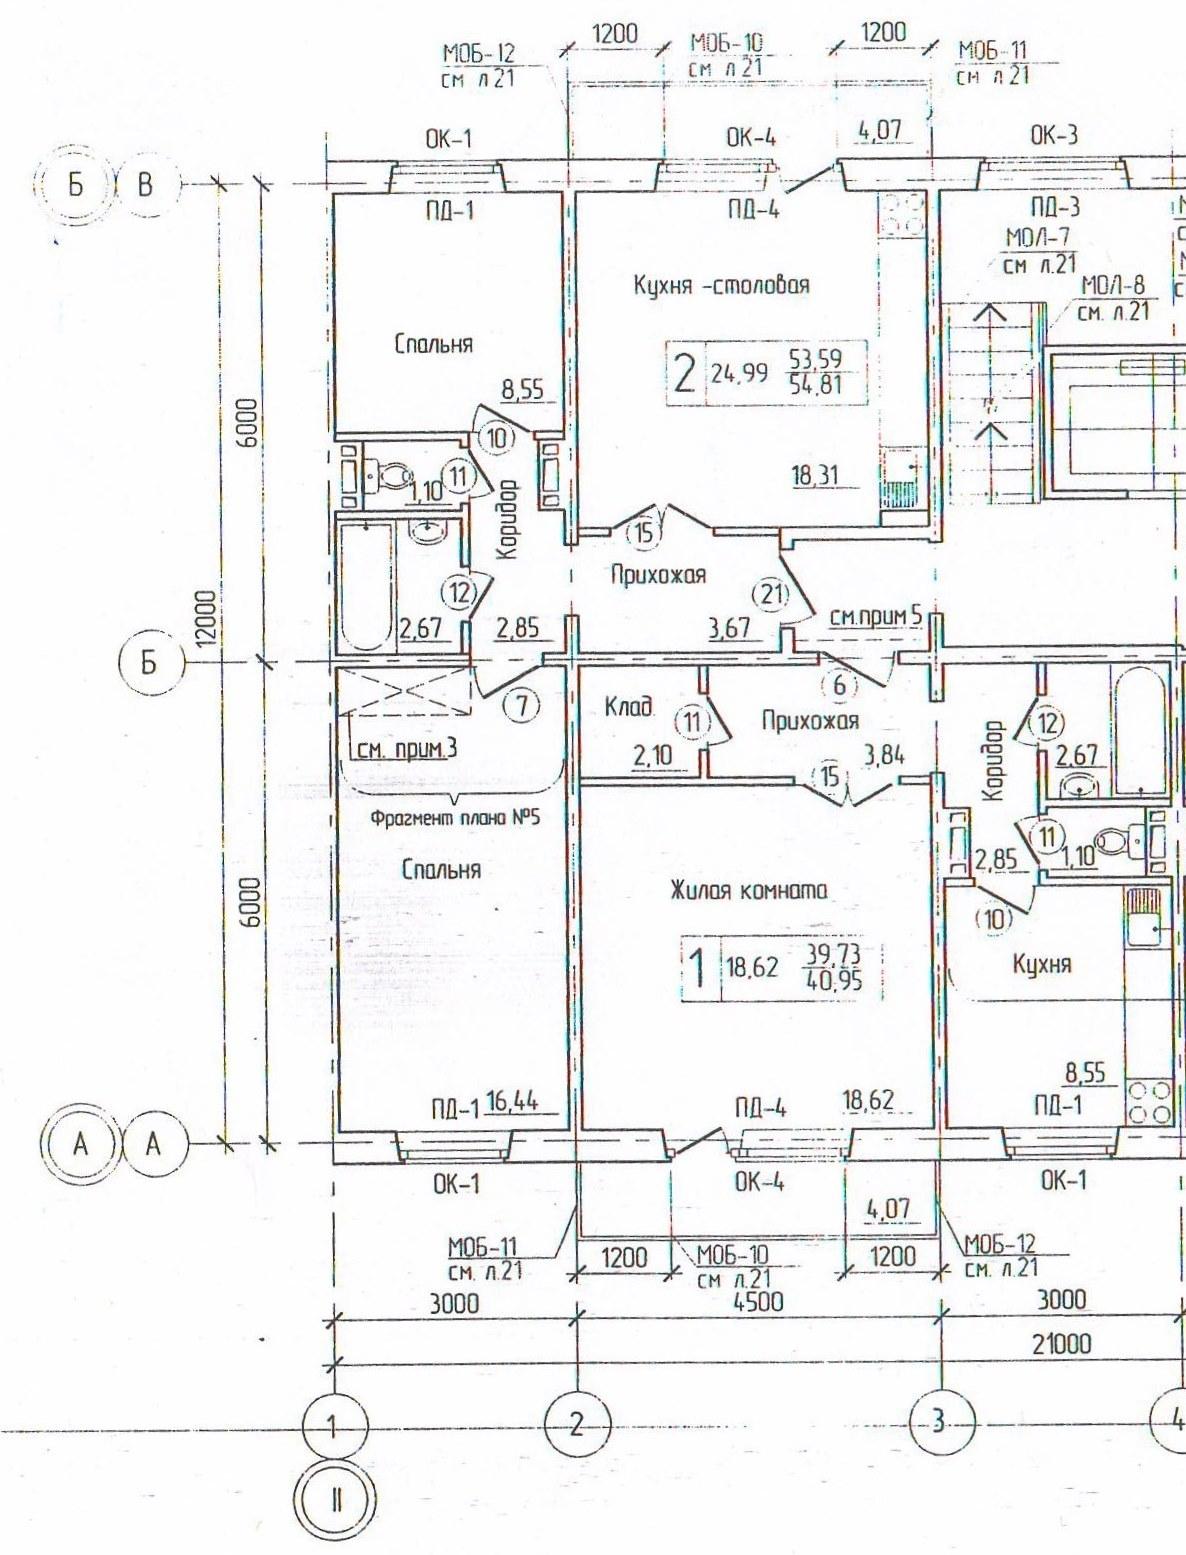 Примеры отделки квартир в домах построенных ООО